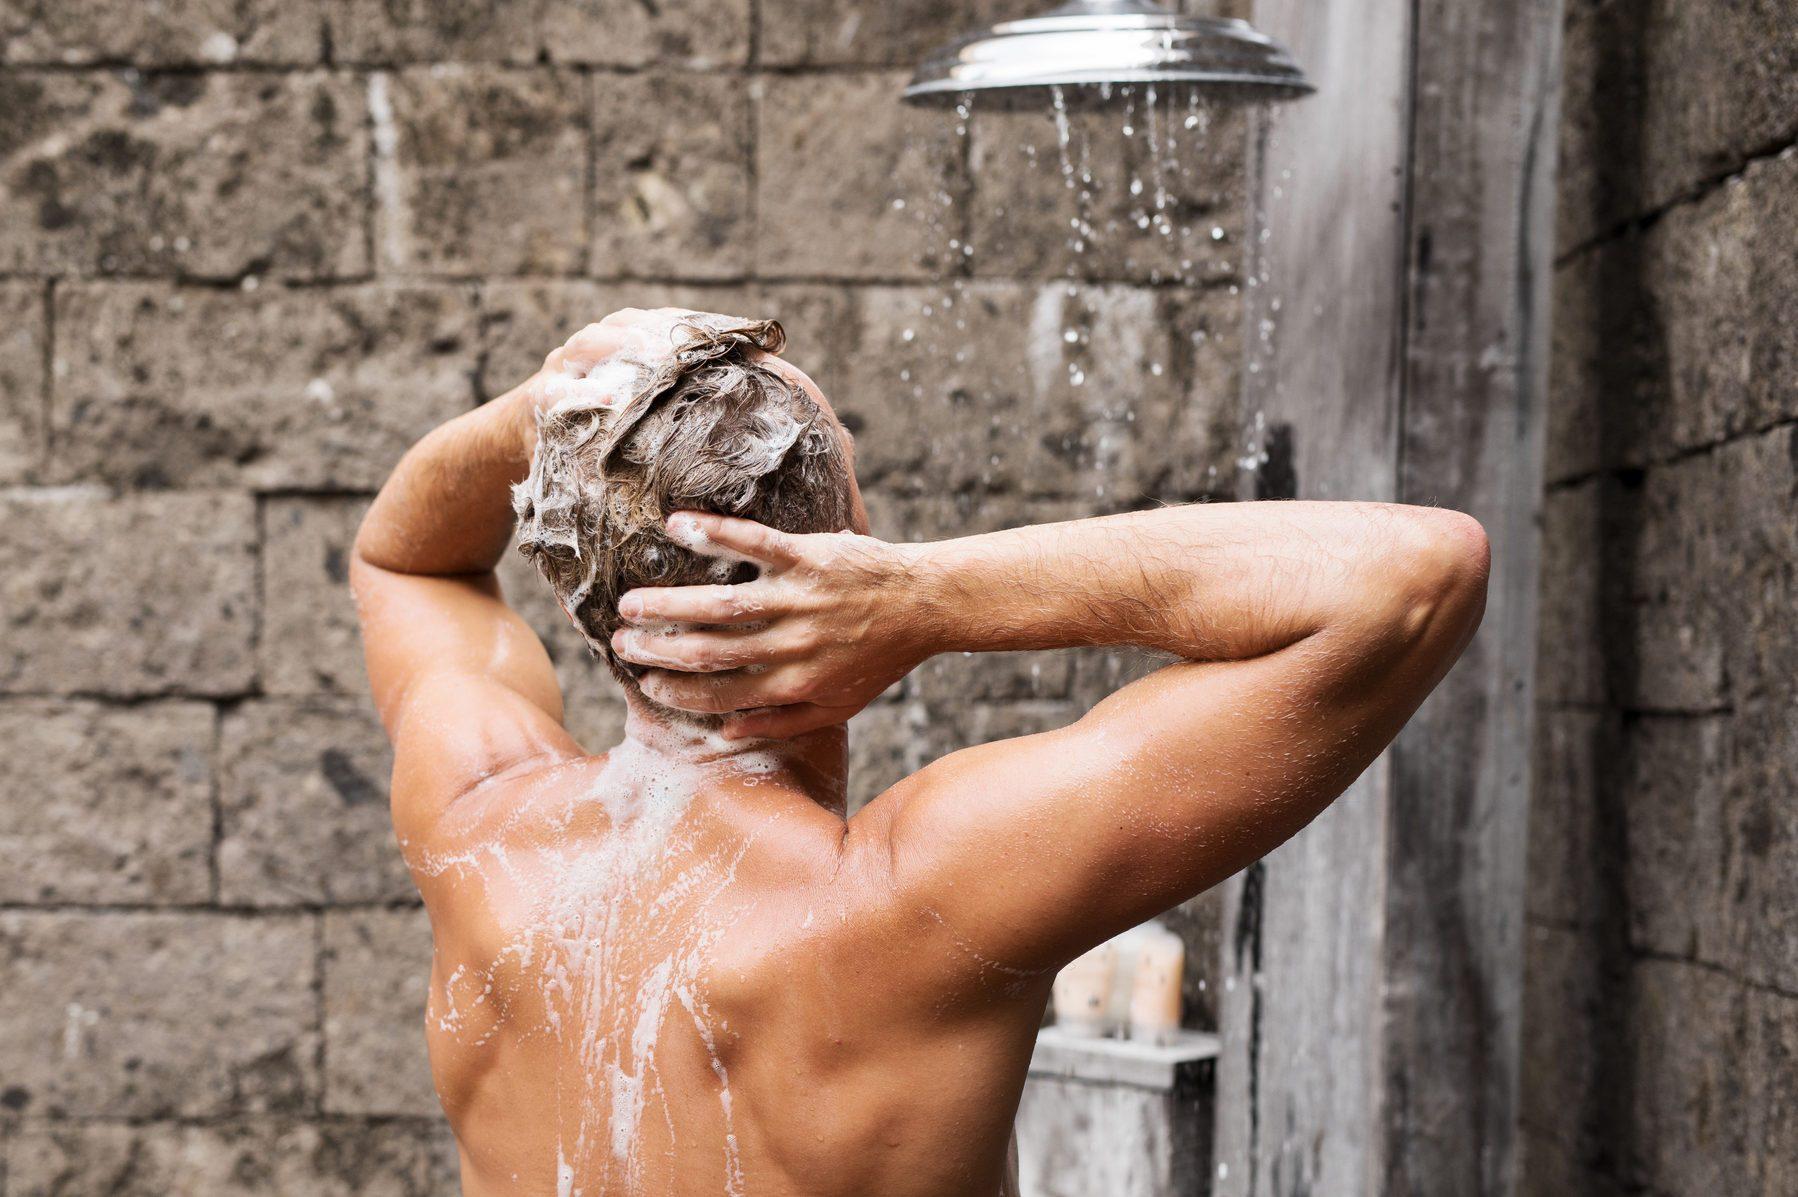 Man taking shower and washing hair